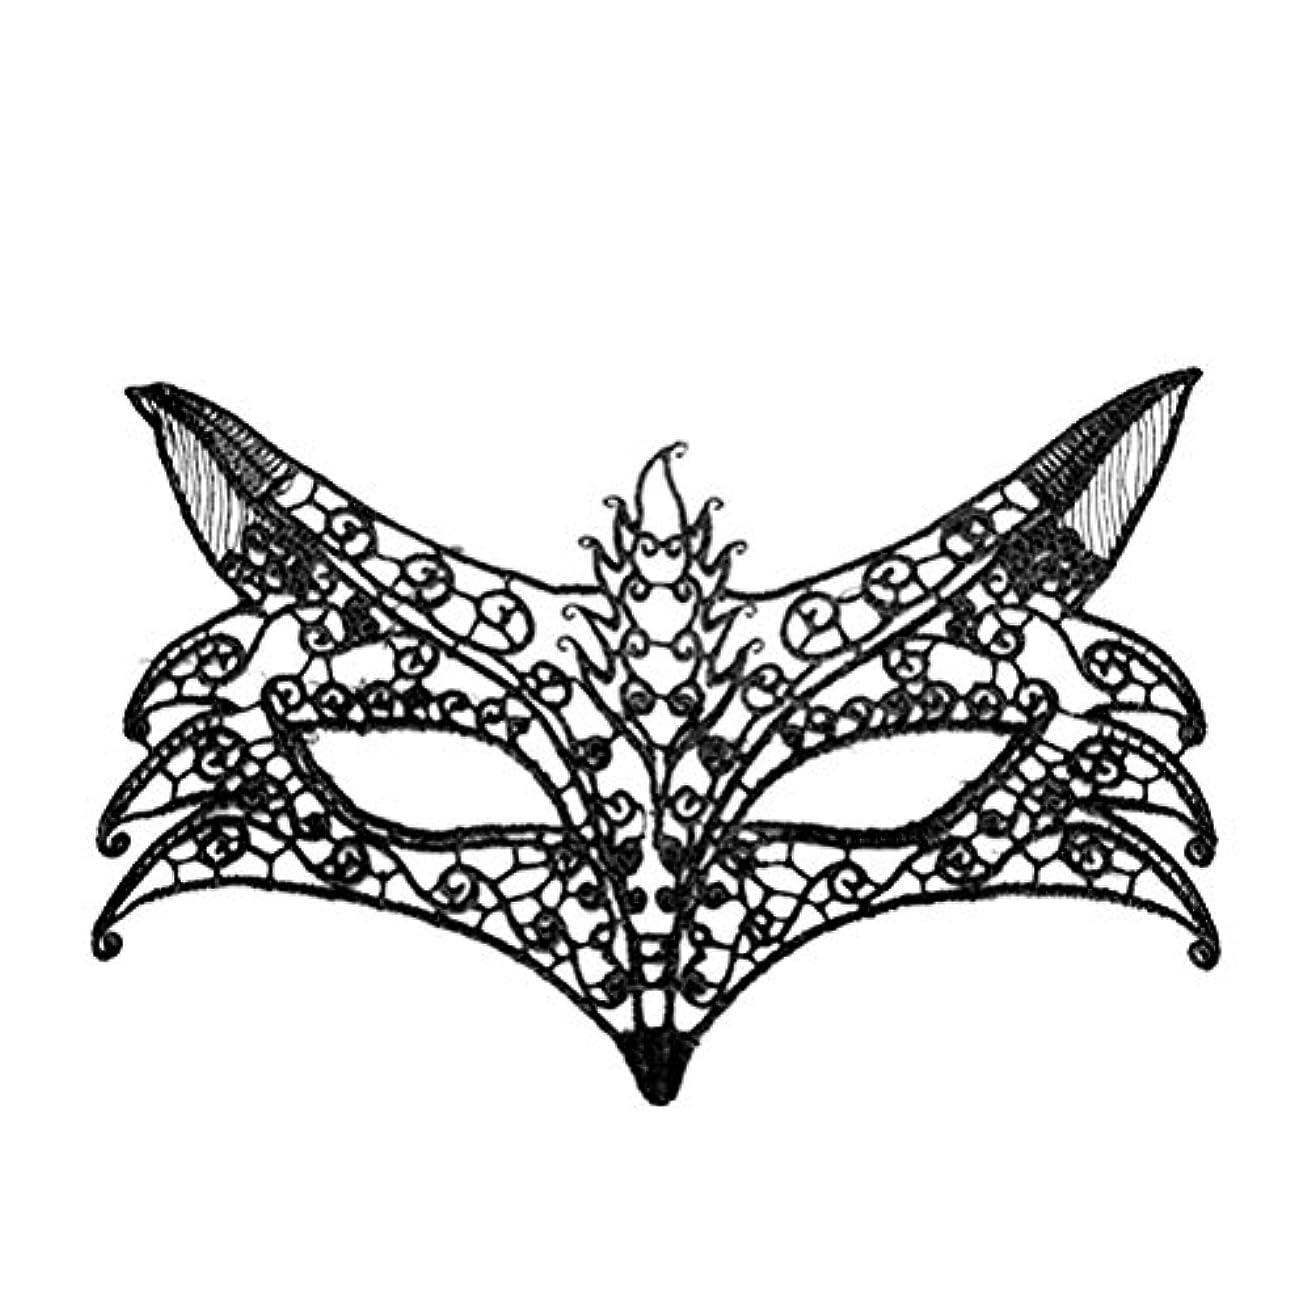 間違い驚いたクロールAMOSFUN キツネの形をしたレースパーティーマスクイブニングパーティーウエディングマスカレードマスク(ブラック)